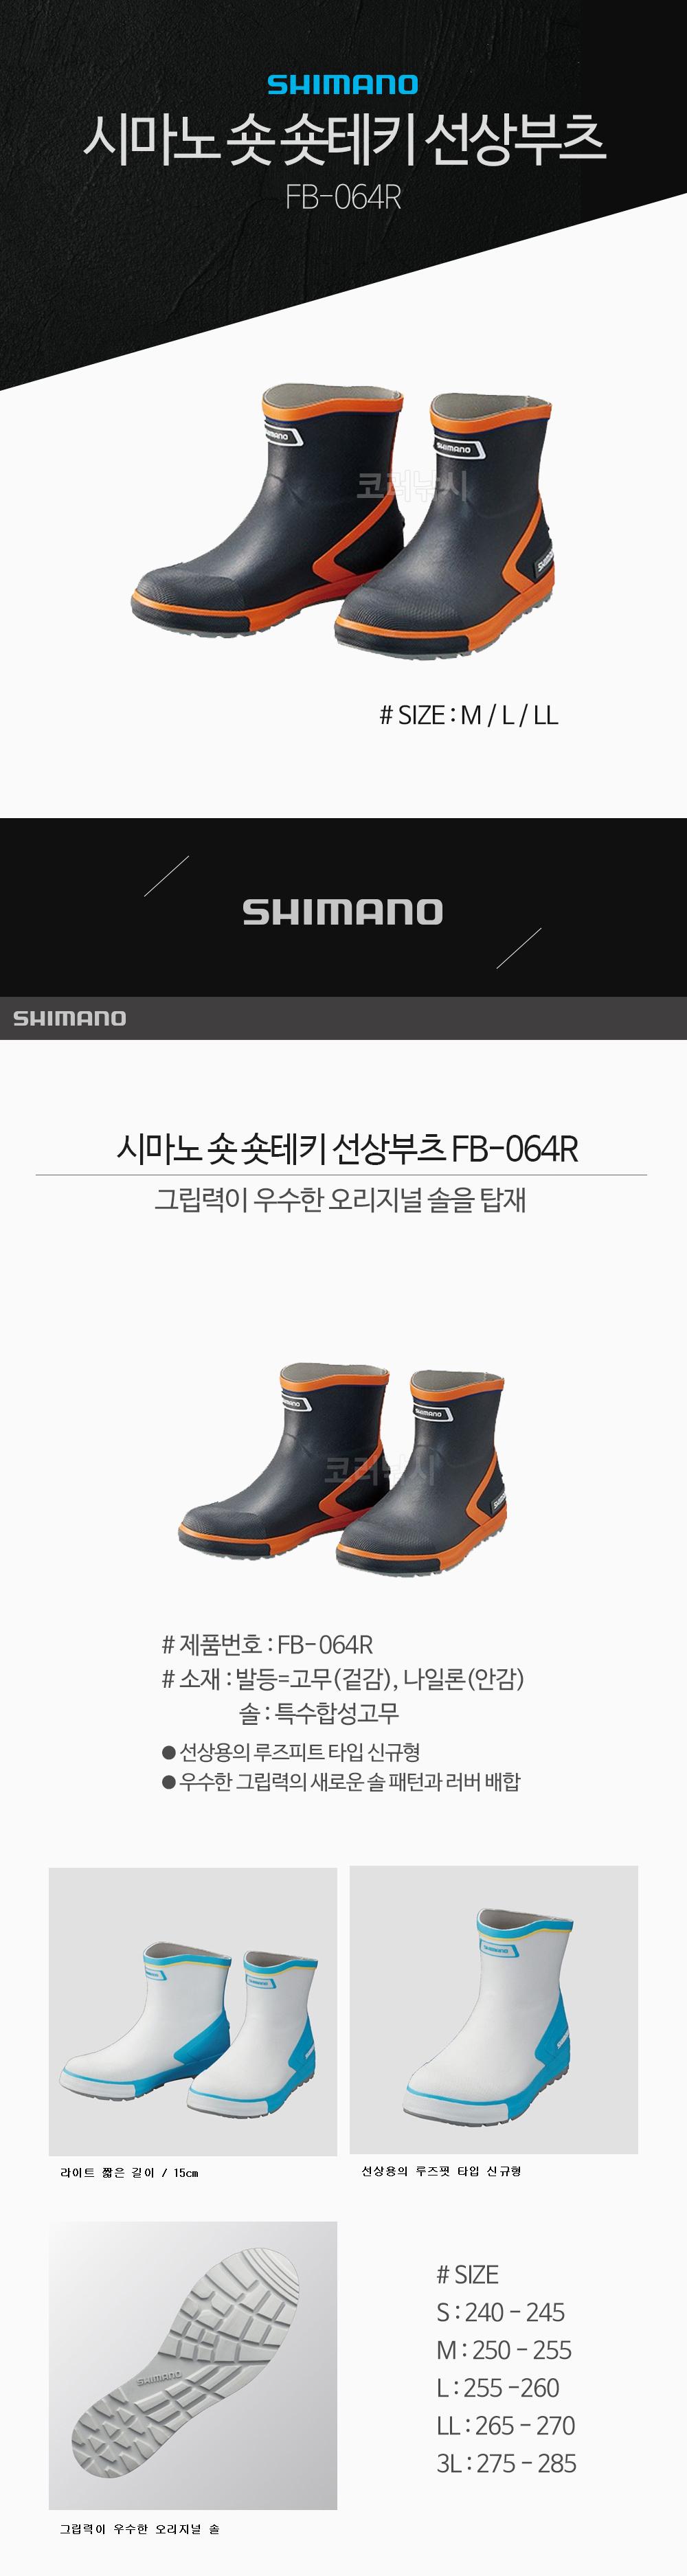 시마노 숏 숏테키 선상부츠 FB-064R 선상단화 바다낚시 낚시화 신발 부츠